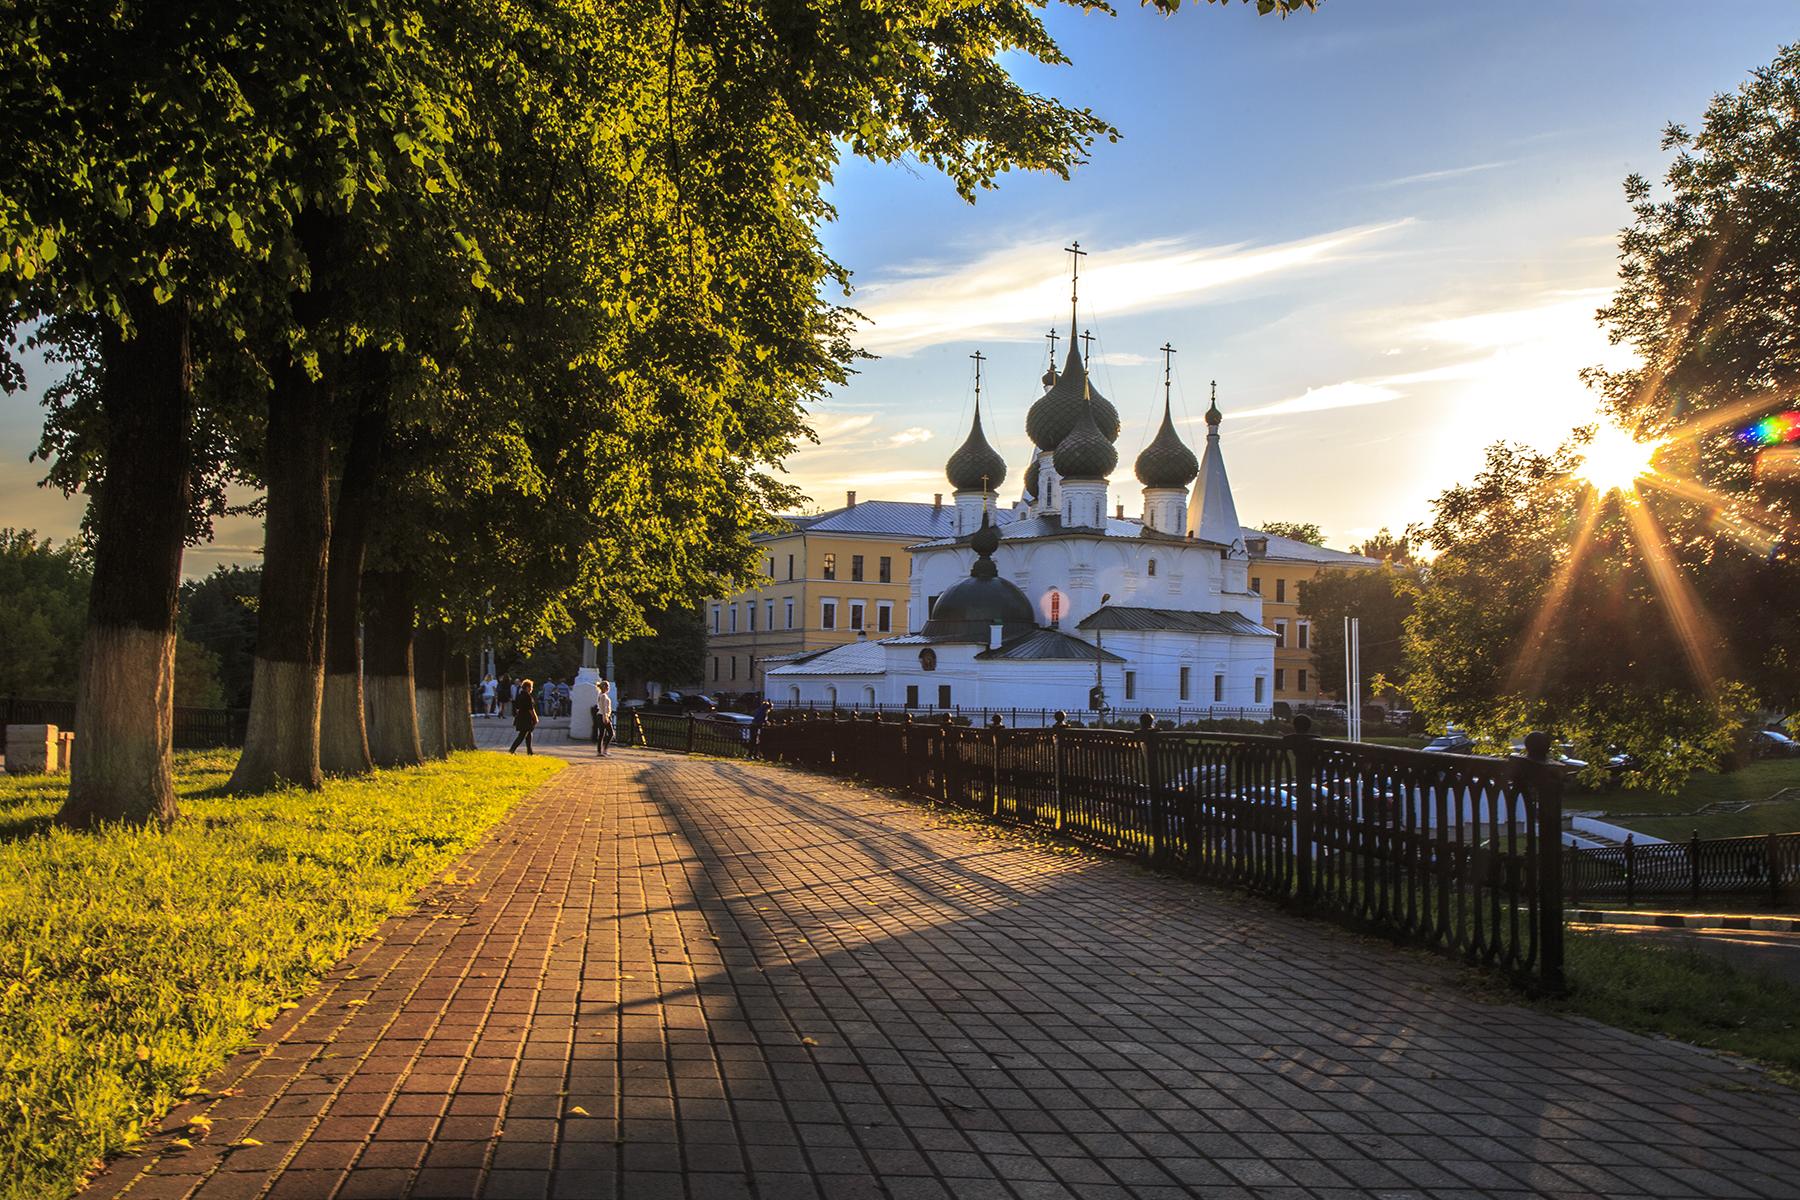 Тур по Золотому Кольцу на Ноябрьские праздники из Ростова-на-Дону 2020